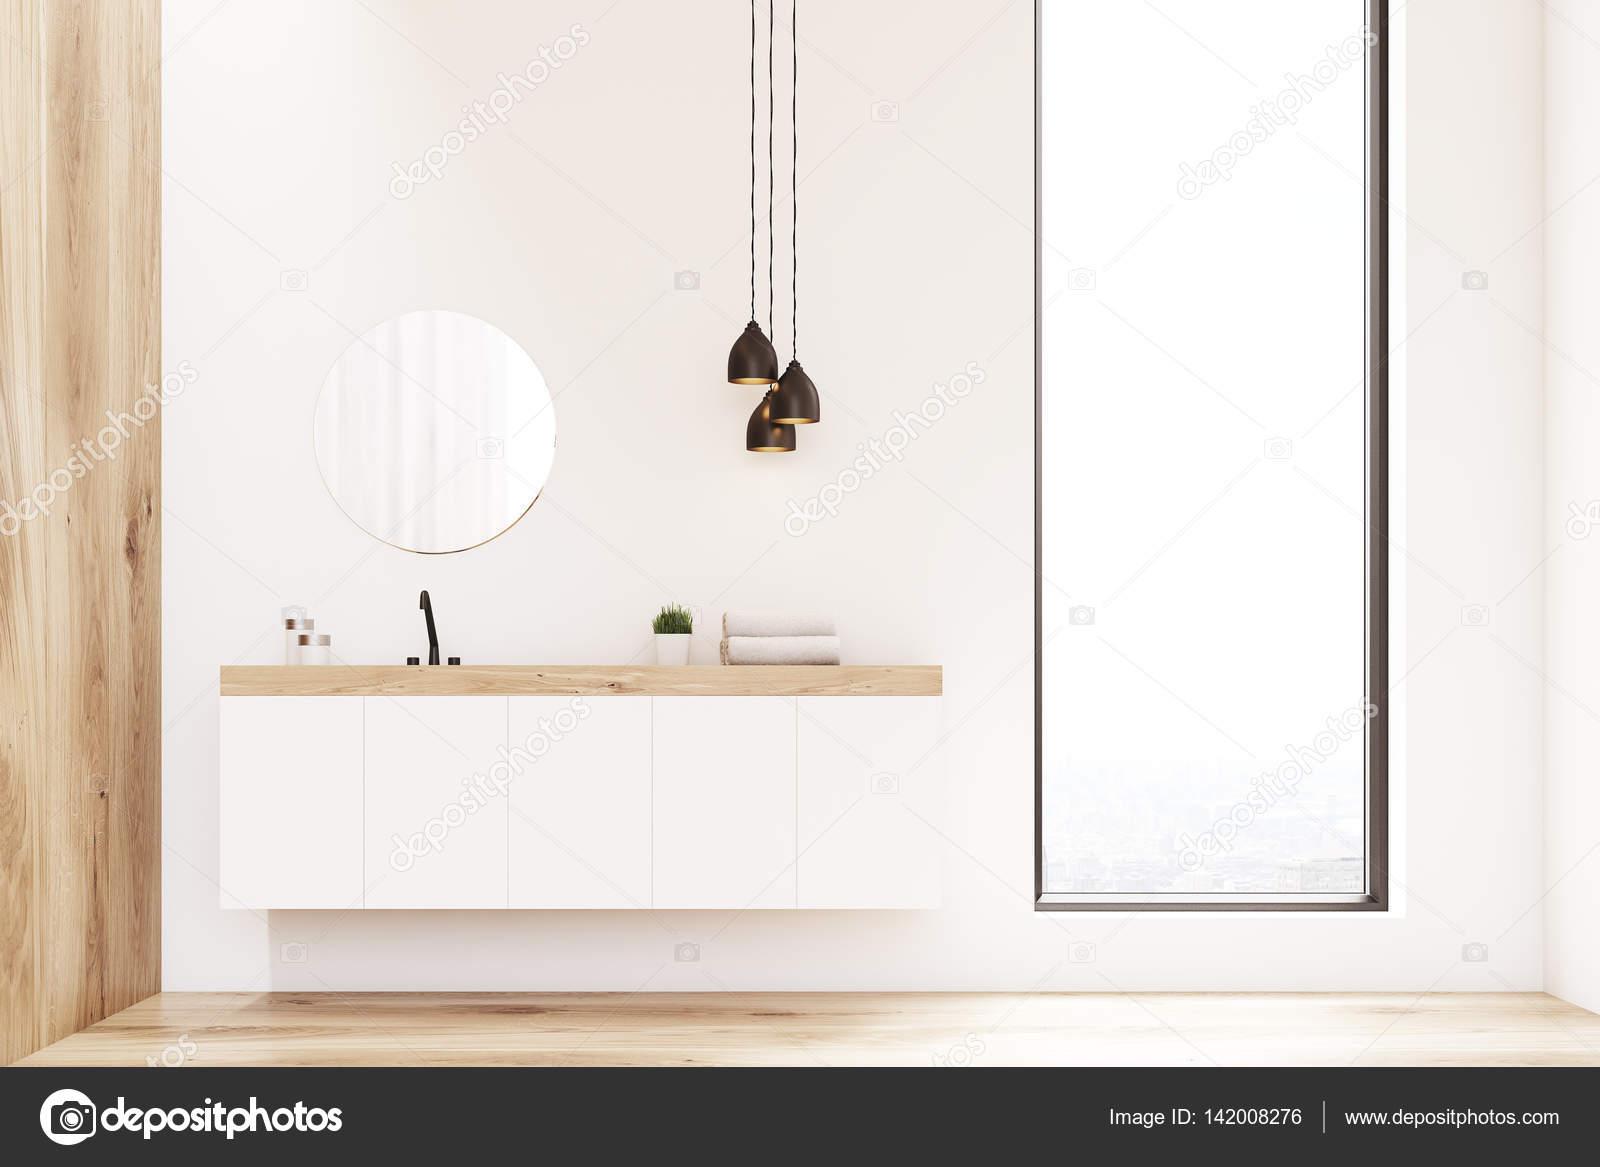 Ronde Spiegel Badkamer : Ronde spiegel hout. ronde spiegel met zwart profiel with ronde